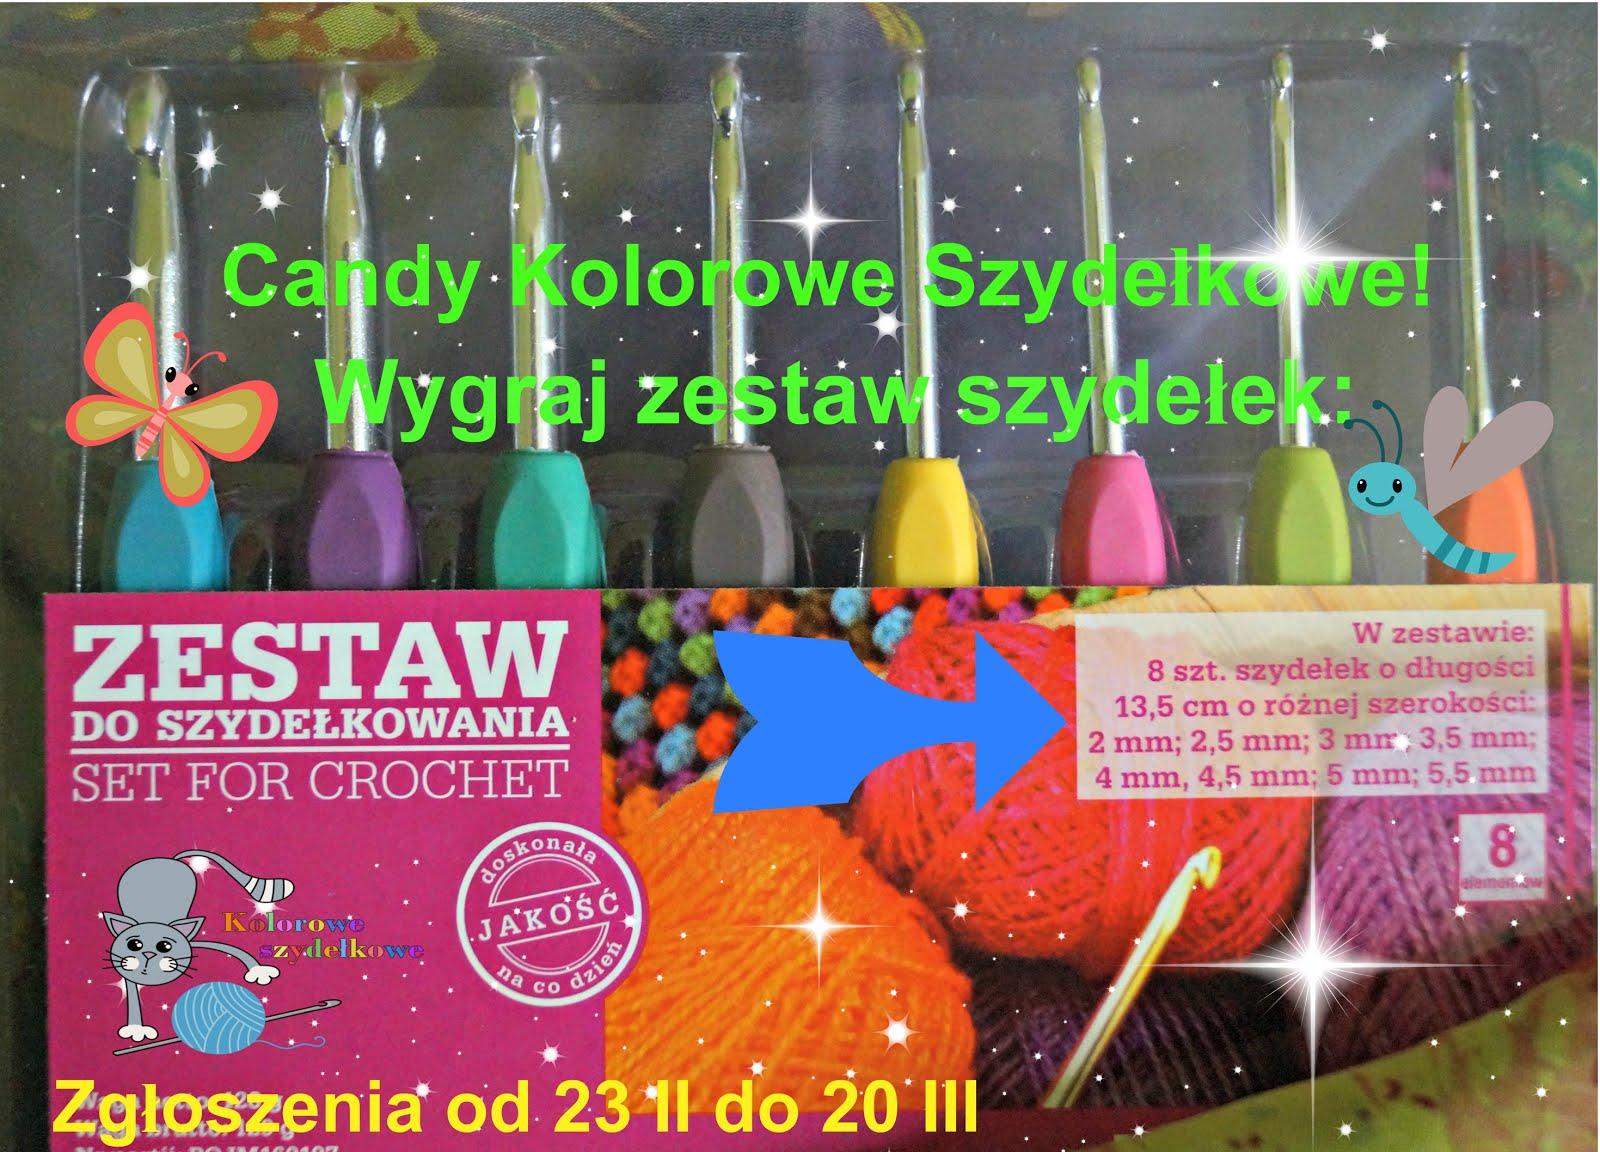 Candy urodzinowe do 20 marca